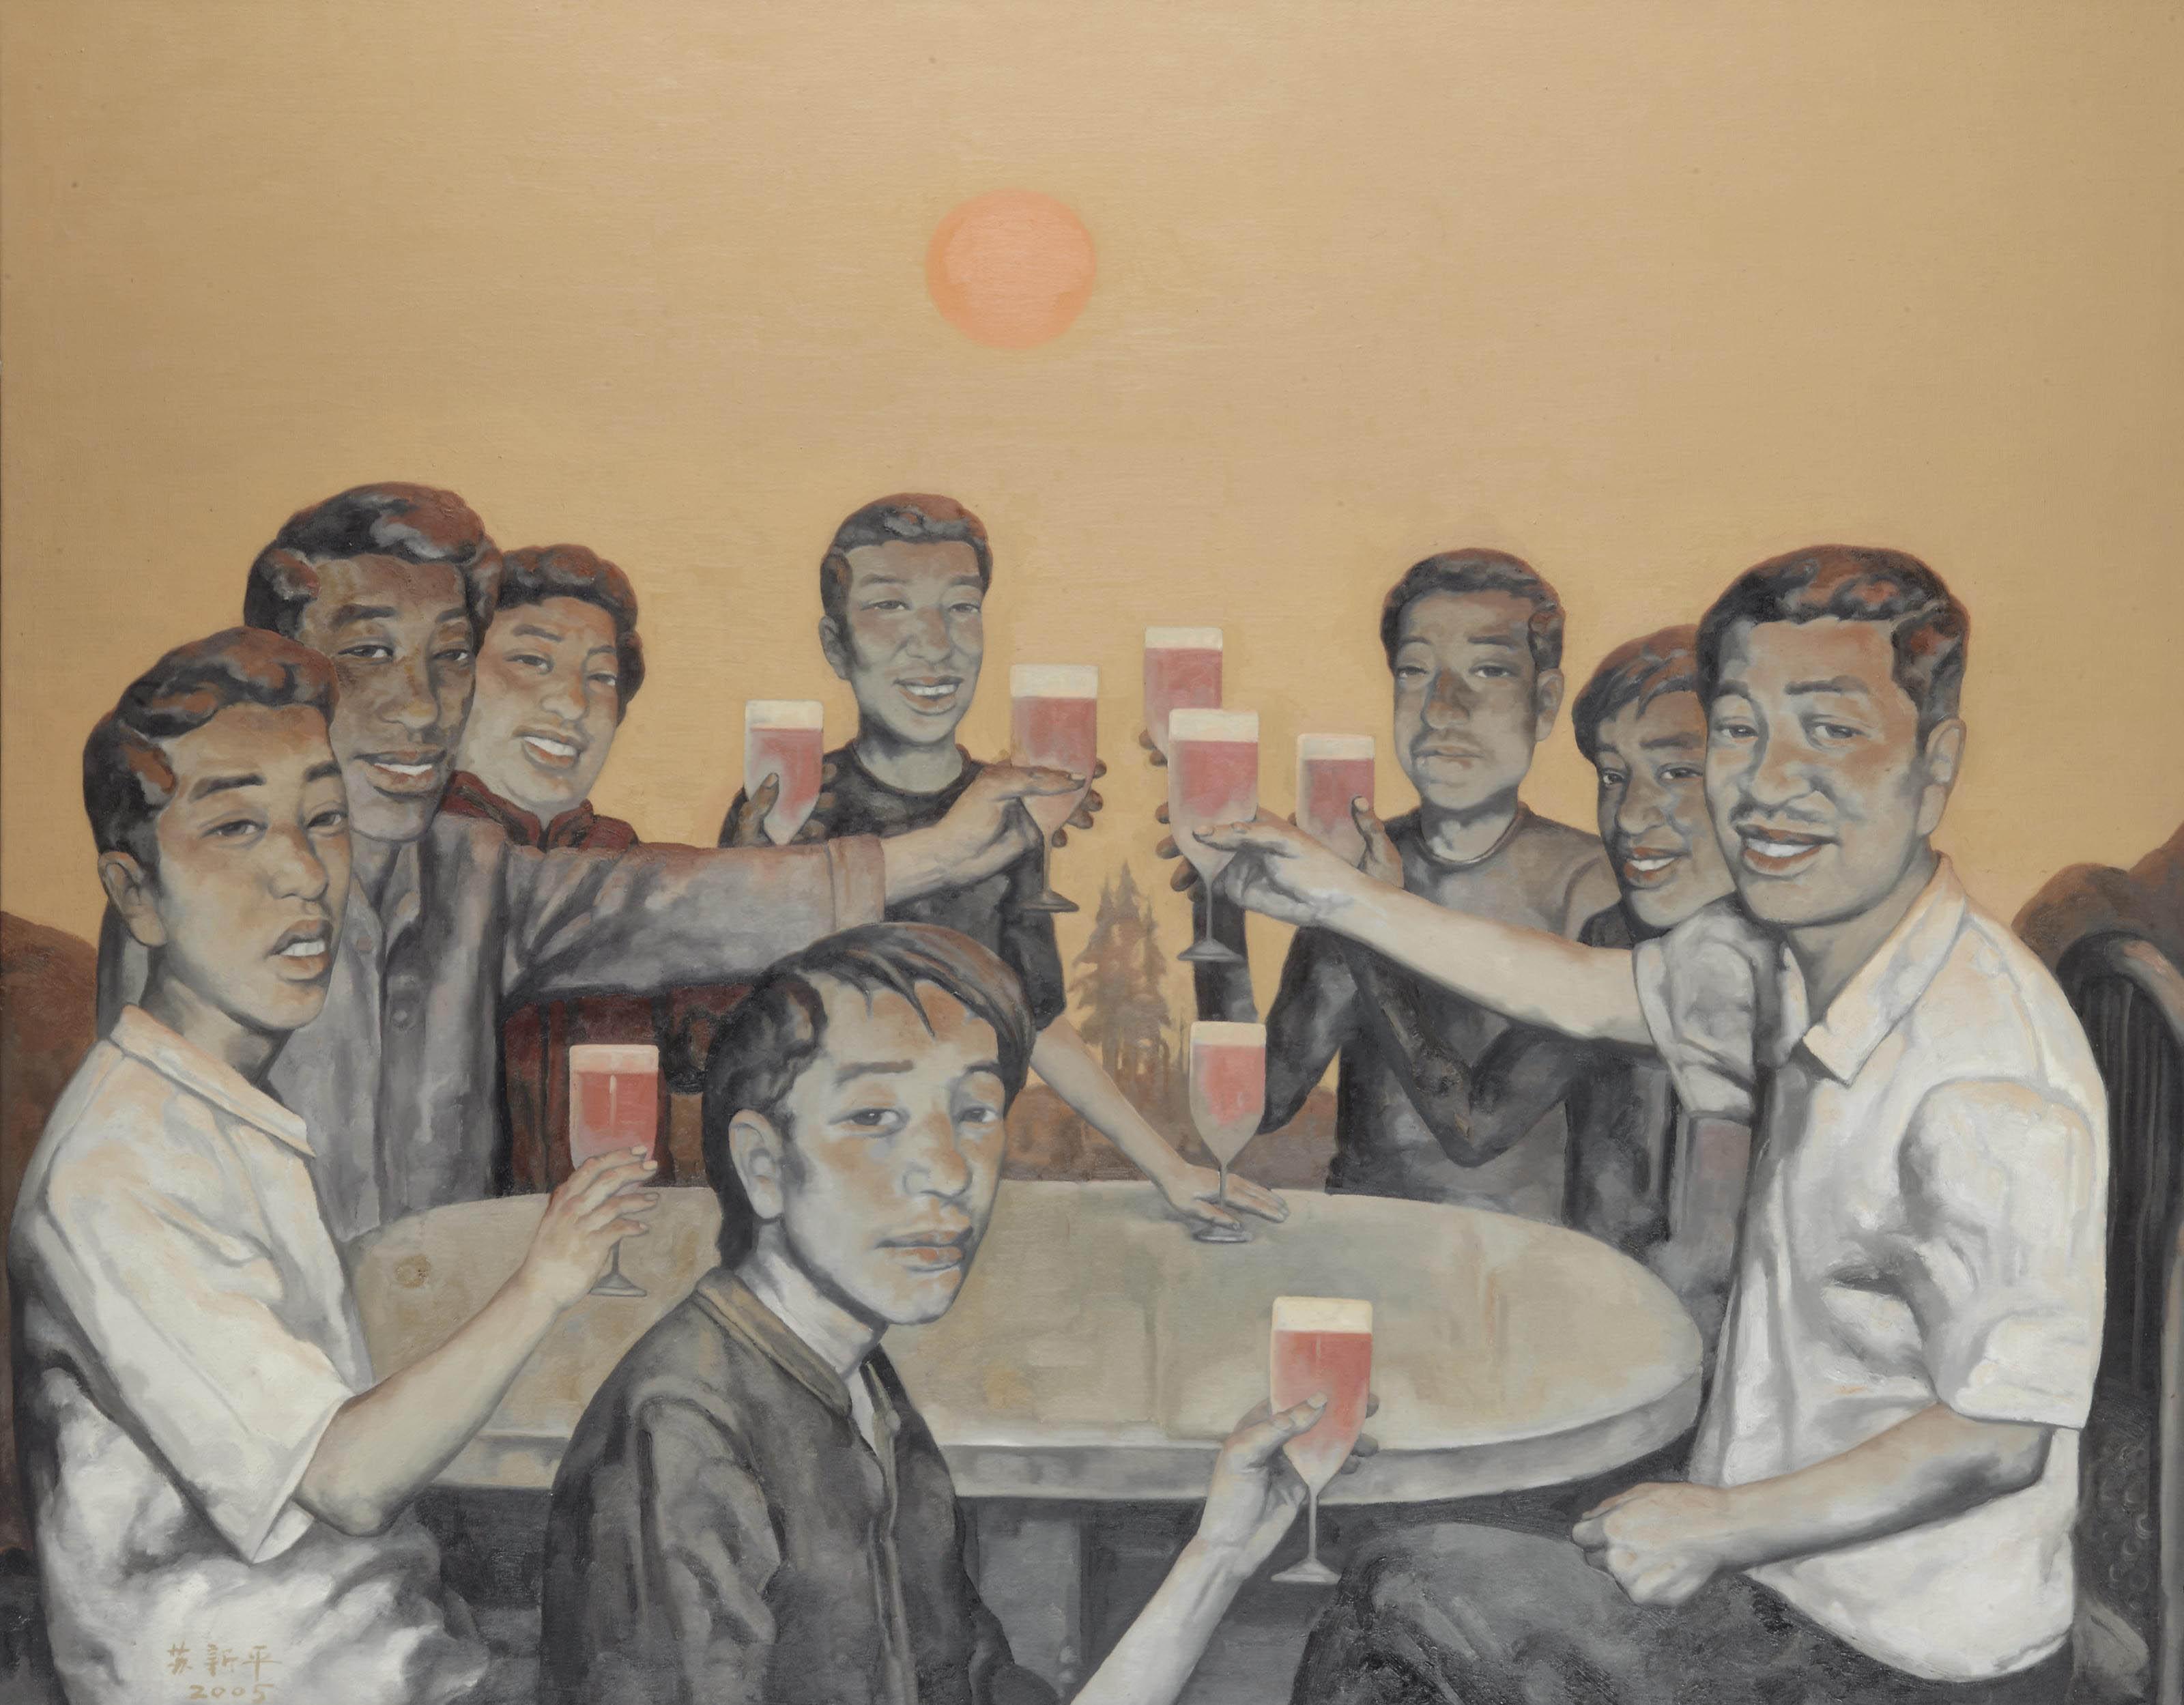 XINPING SU (B. 1960)